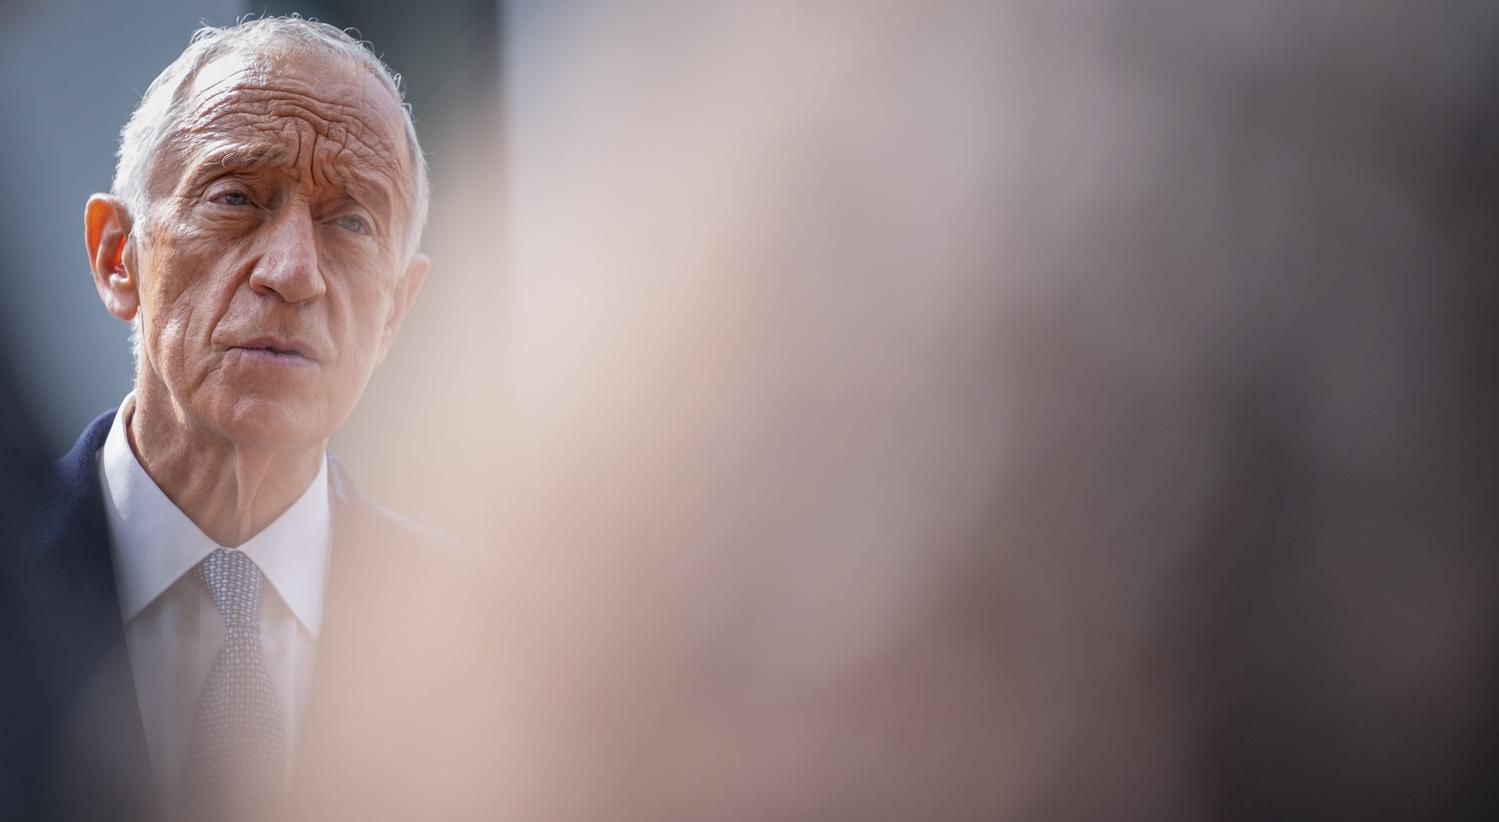 Entrevista. Marcelo acredita na aprovação dos próximos orçamentos do Estado